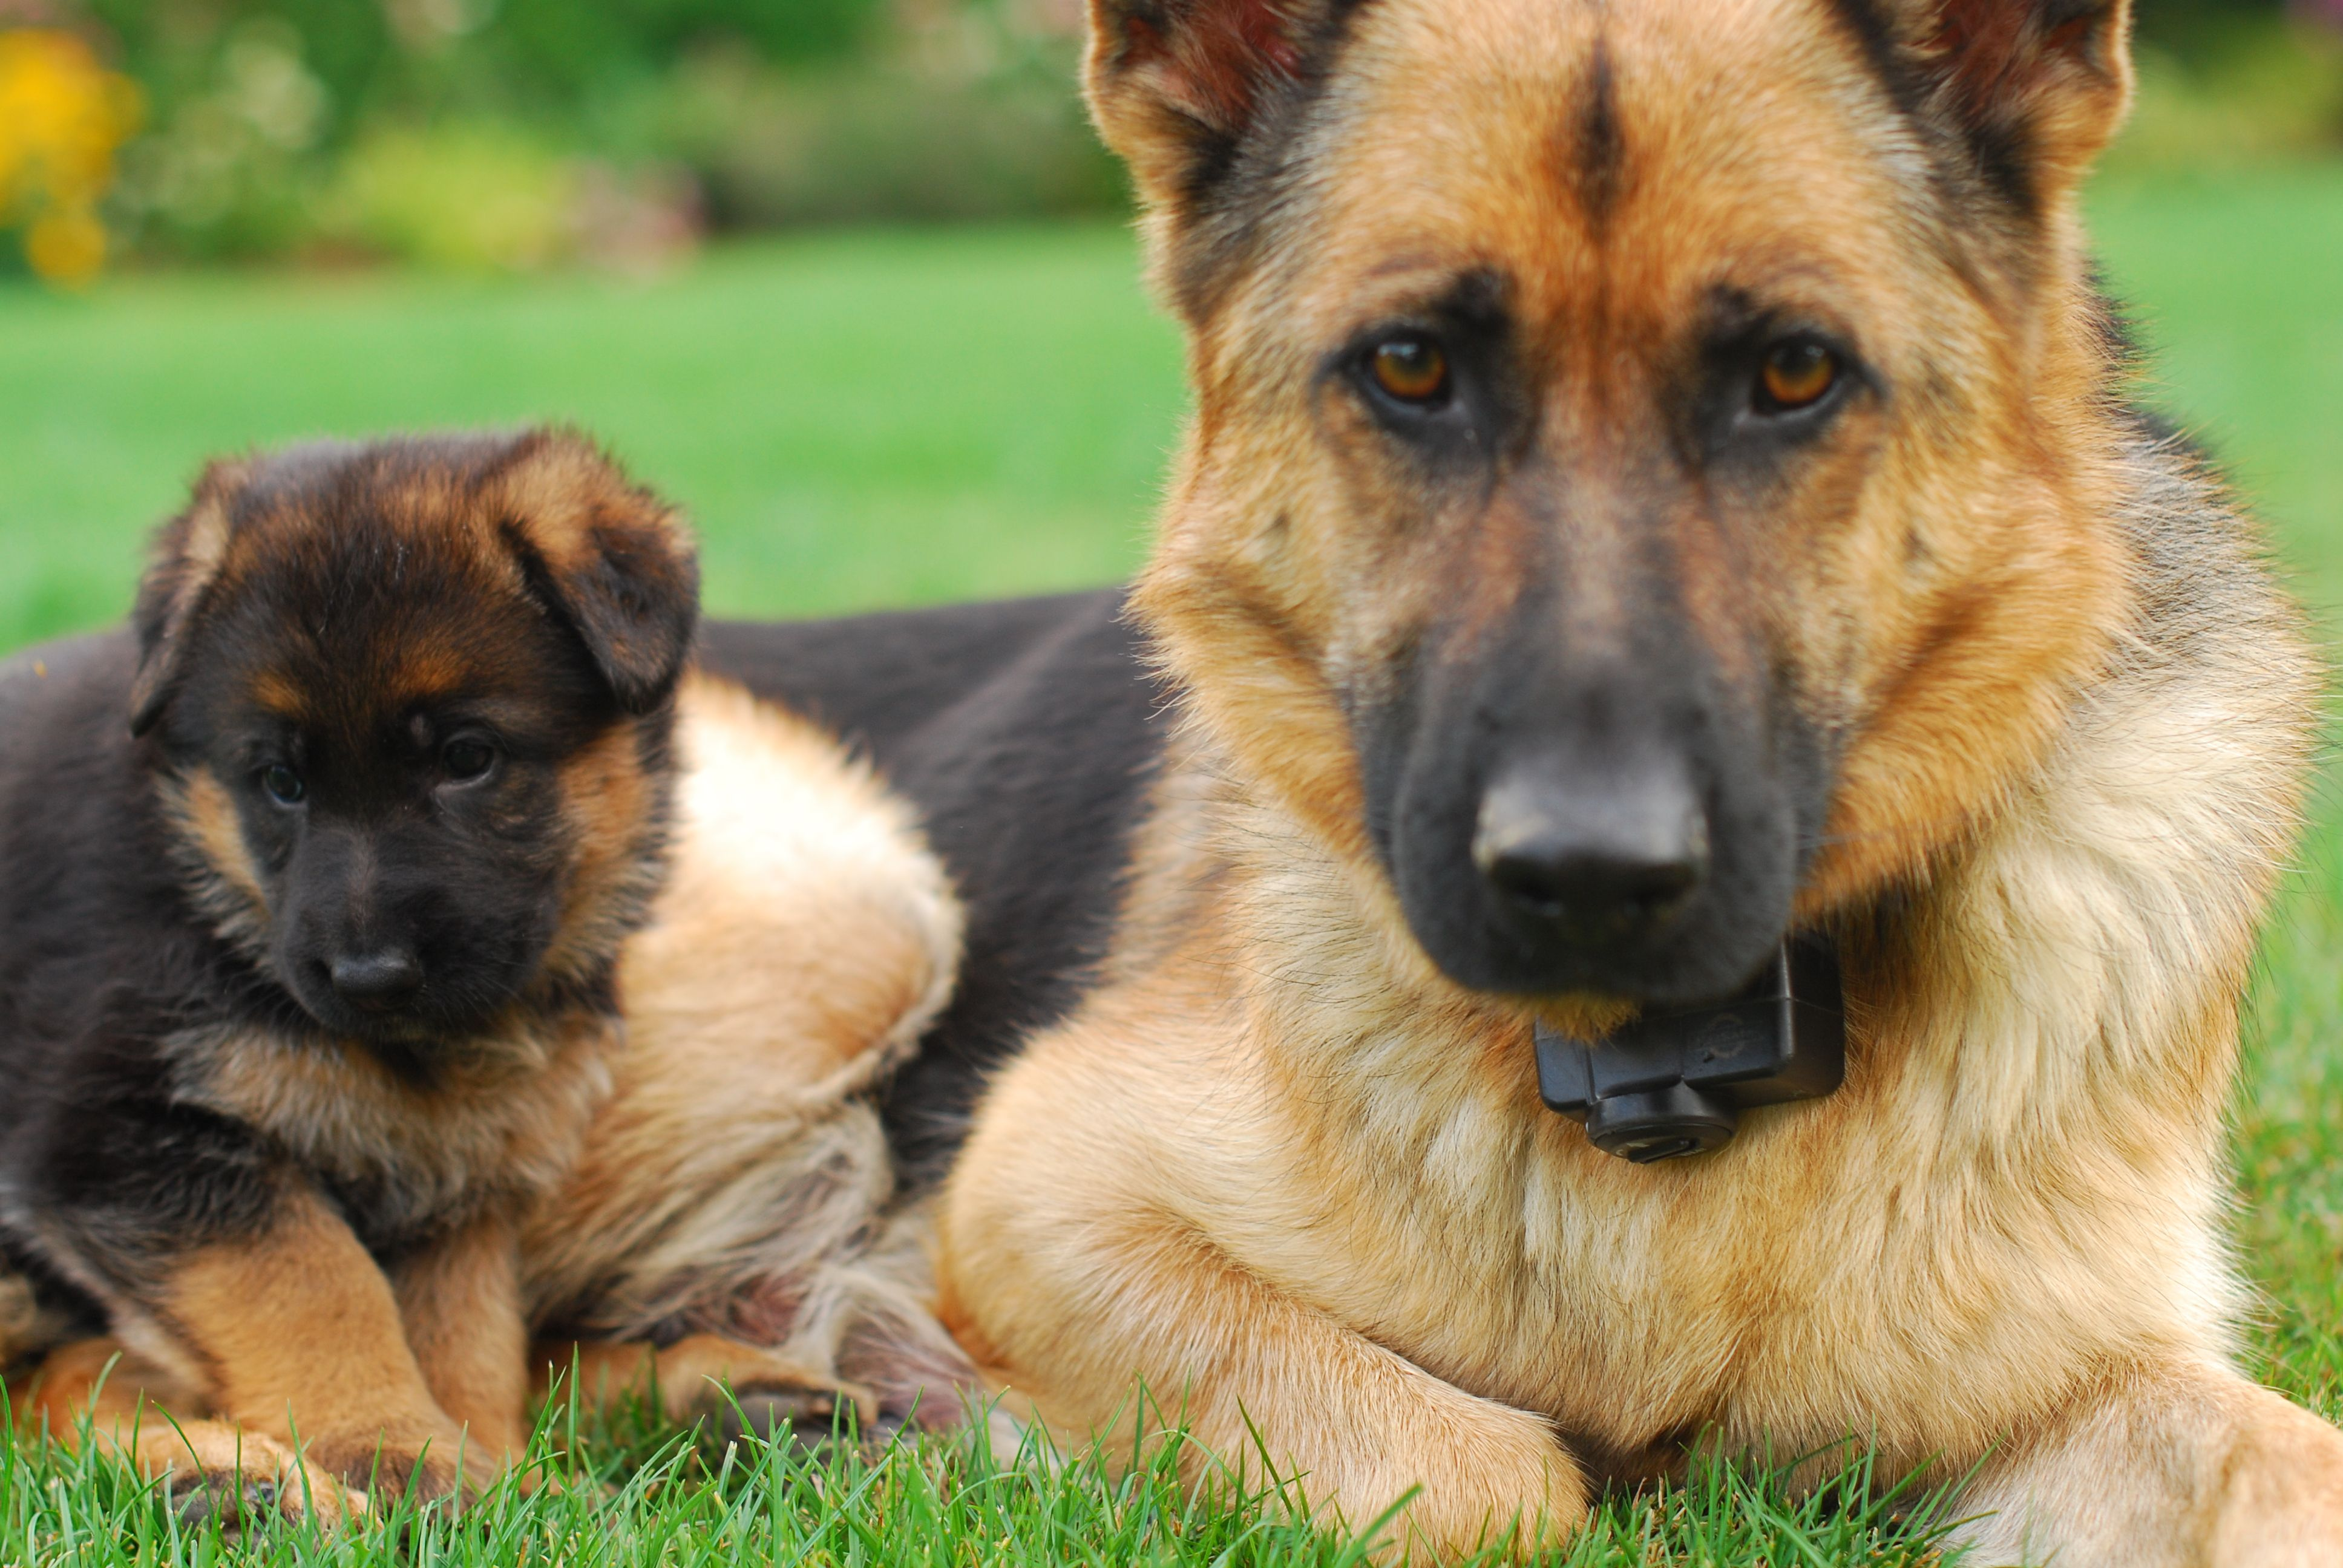 Cute Kitten And Puppy Cute German Shepherd Puppies German Shepherd Puppies Shepherd Puppies